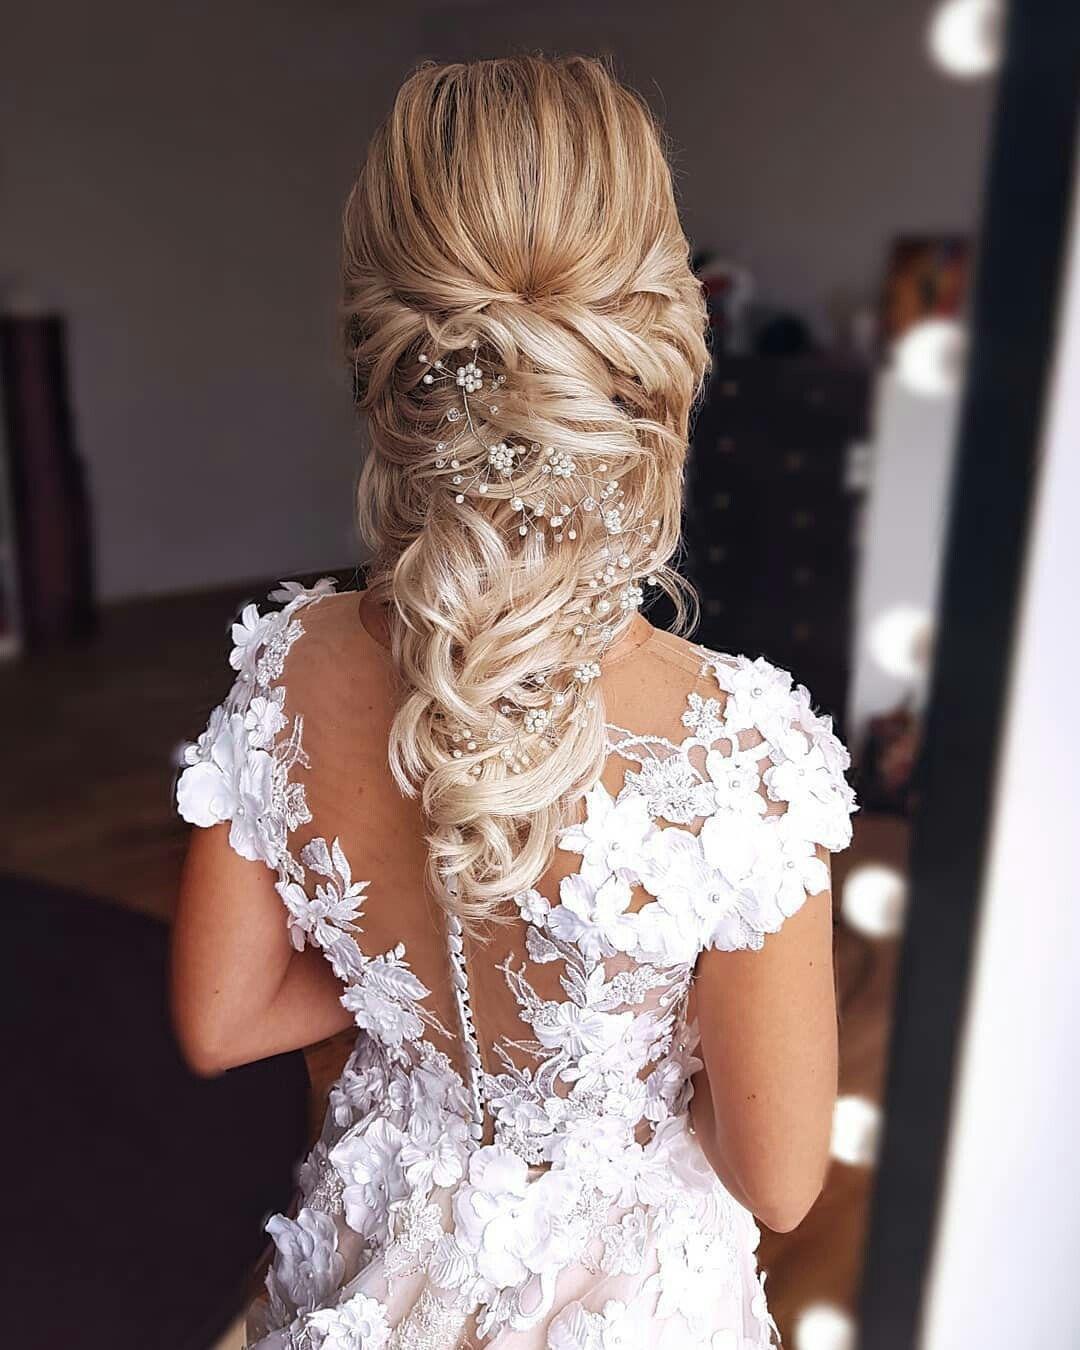 Vid de pelo de cristal y perlas Vid de cabello Vid de cabello nupcial Vid de cabello de boda Pieza de cabello de cristal Joyas de novia Vid de cabello Perla Vid de cabello de novia